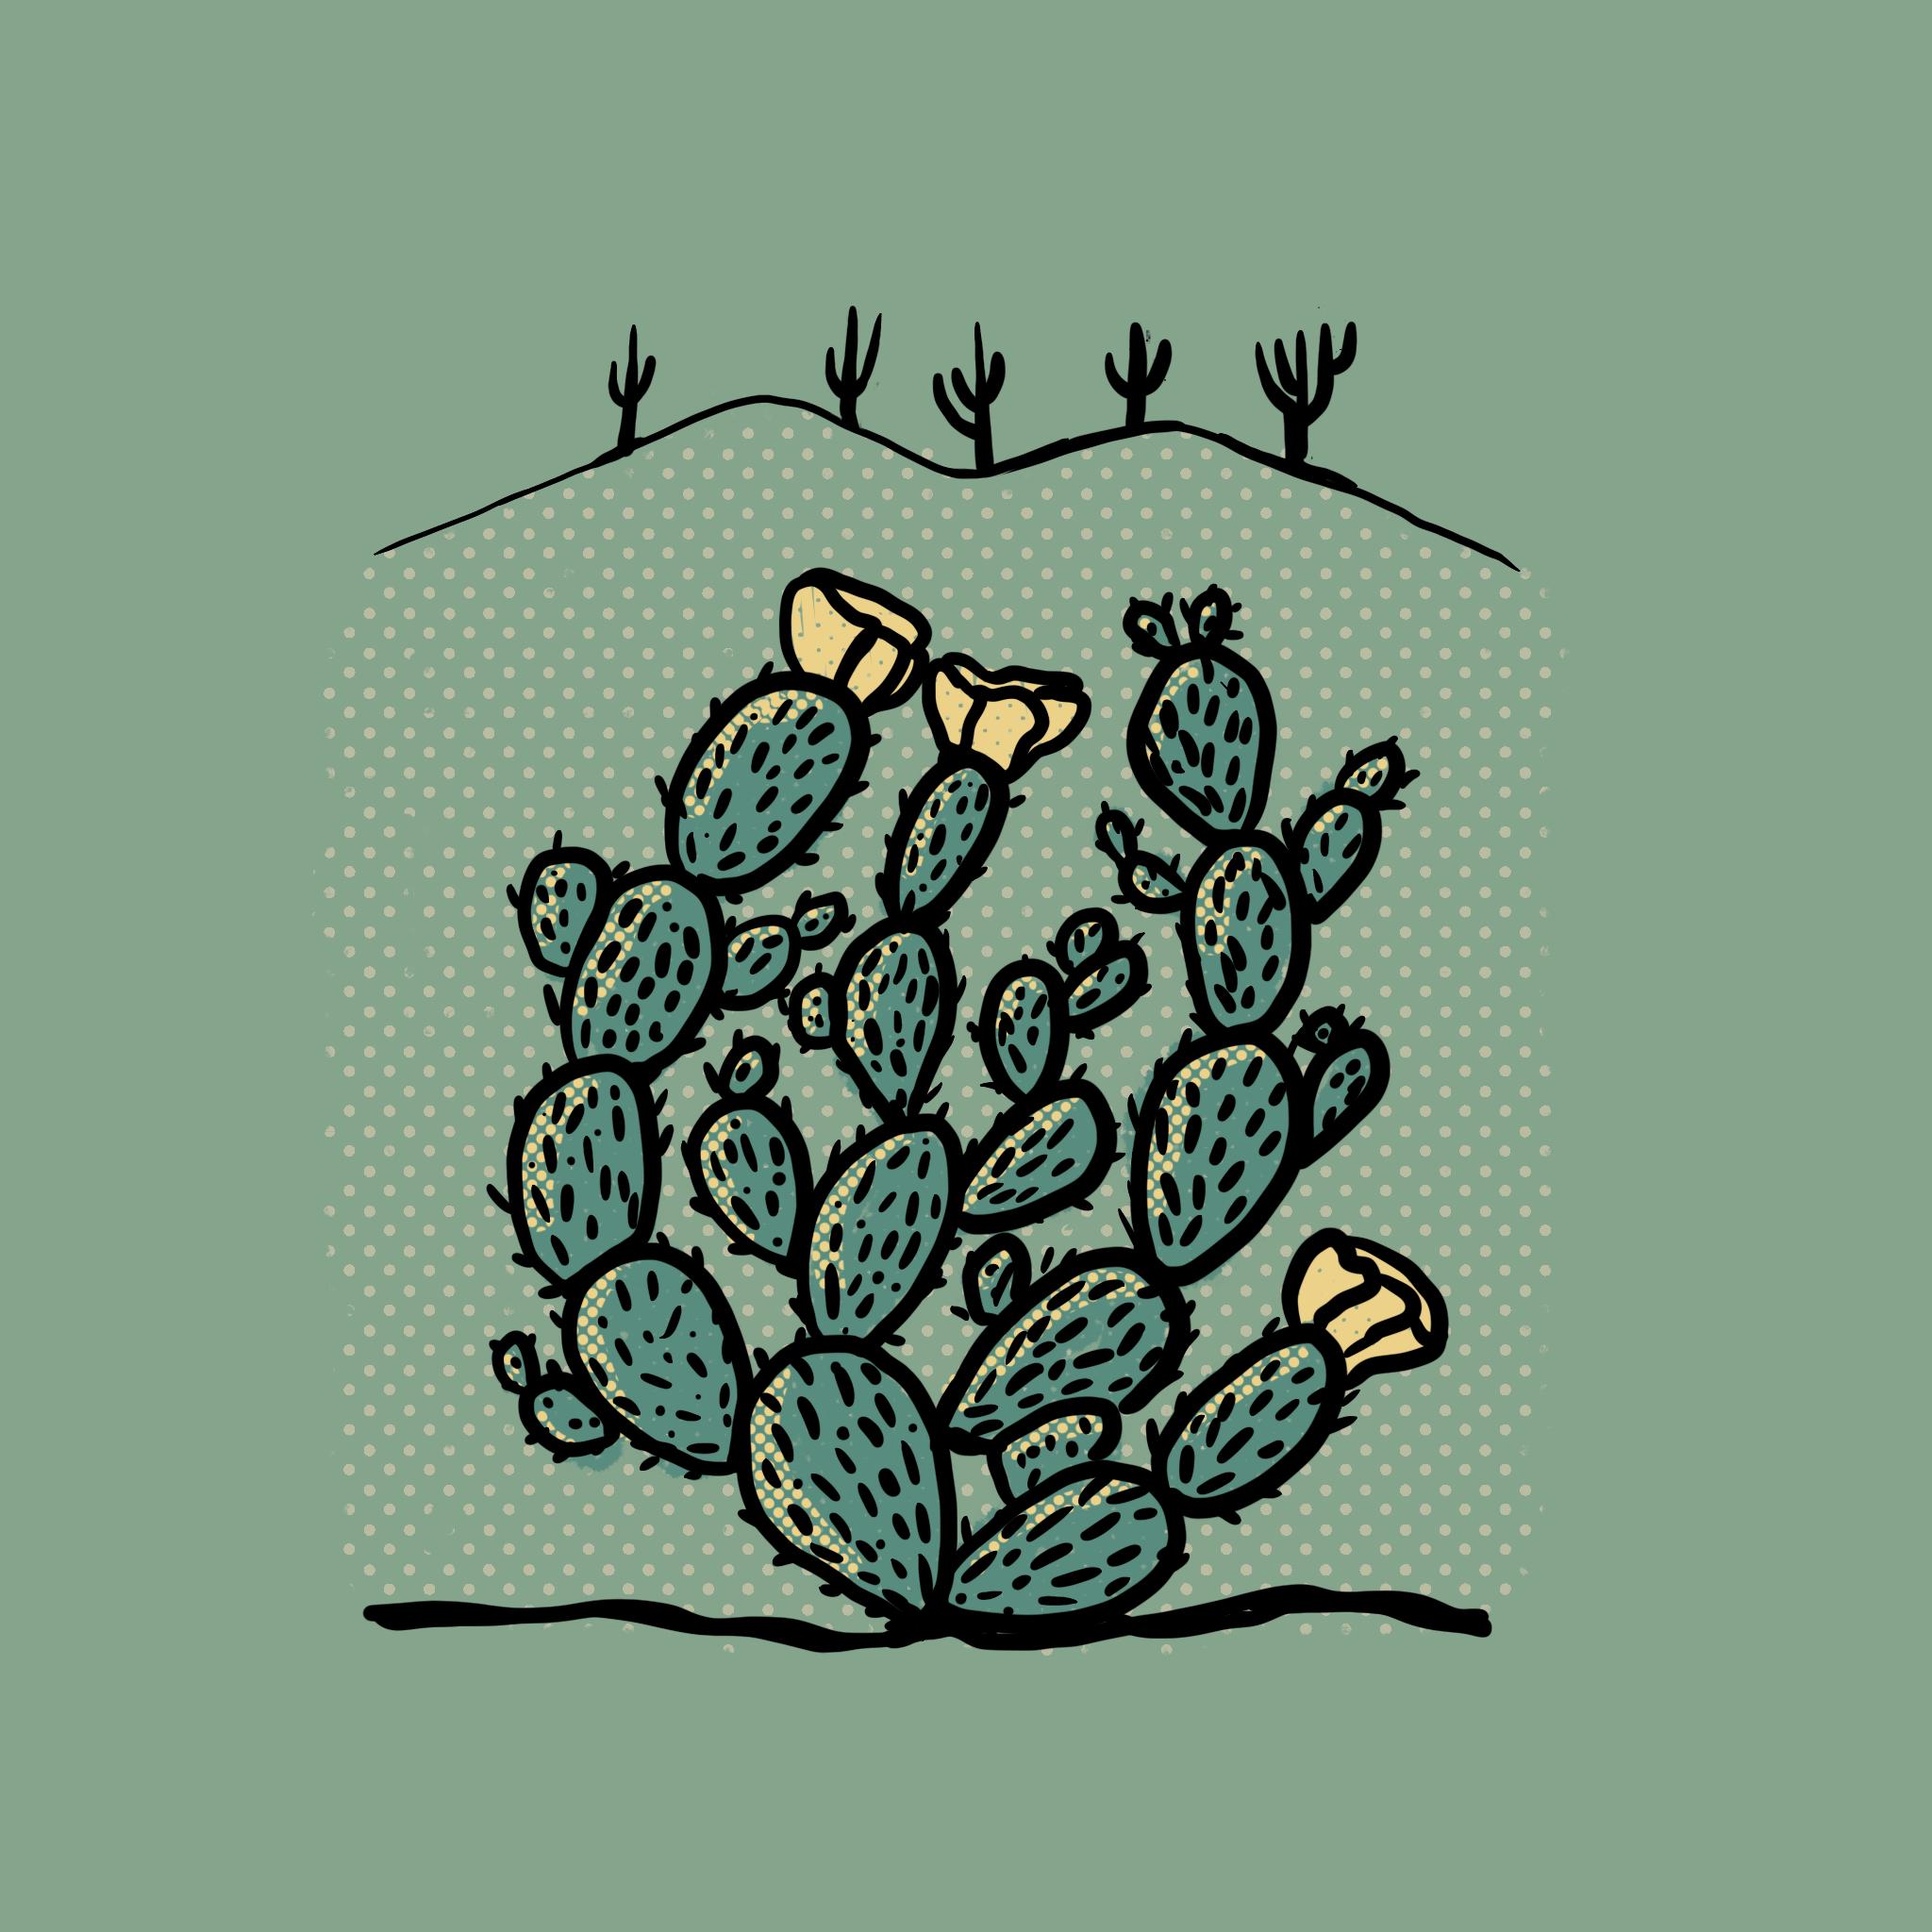 Cactus_Series_-_08.png